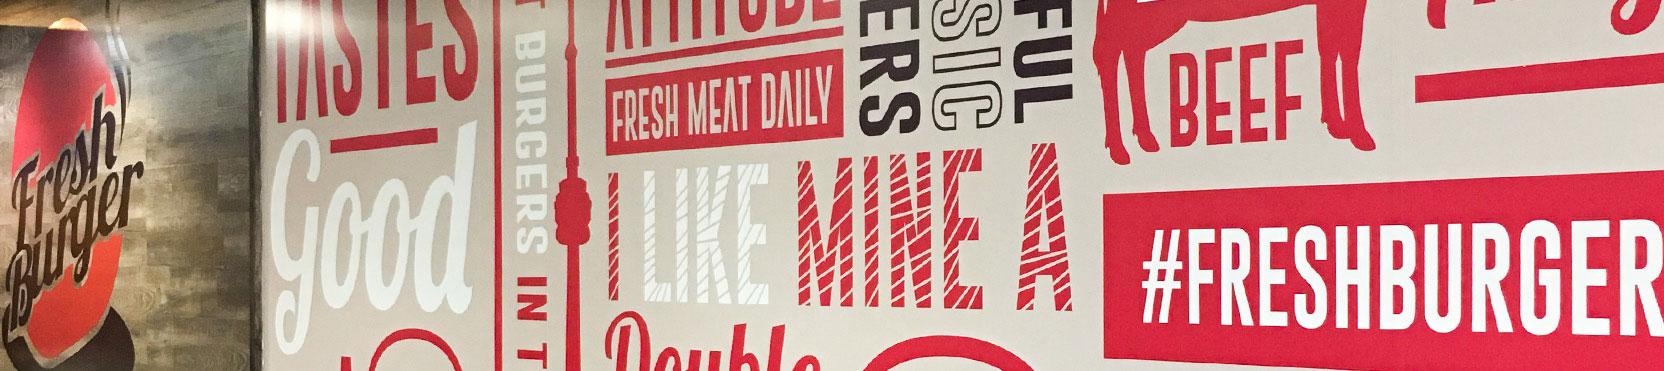 Freshburger Franchising wall art